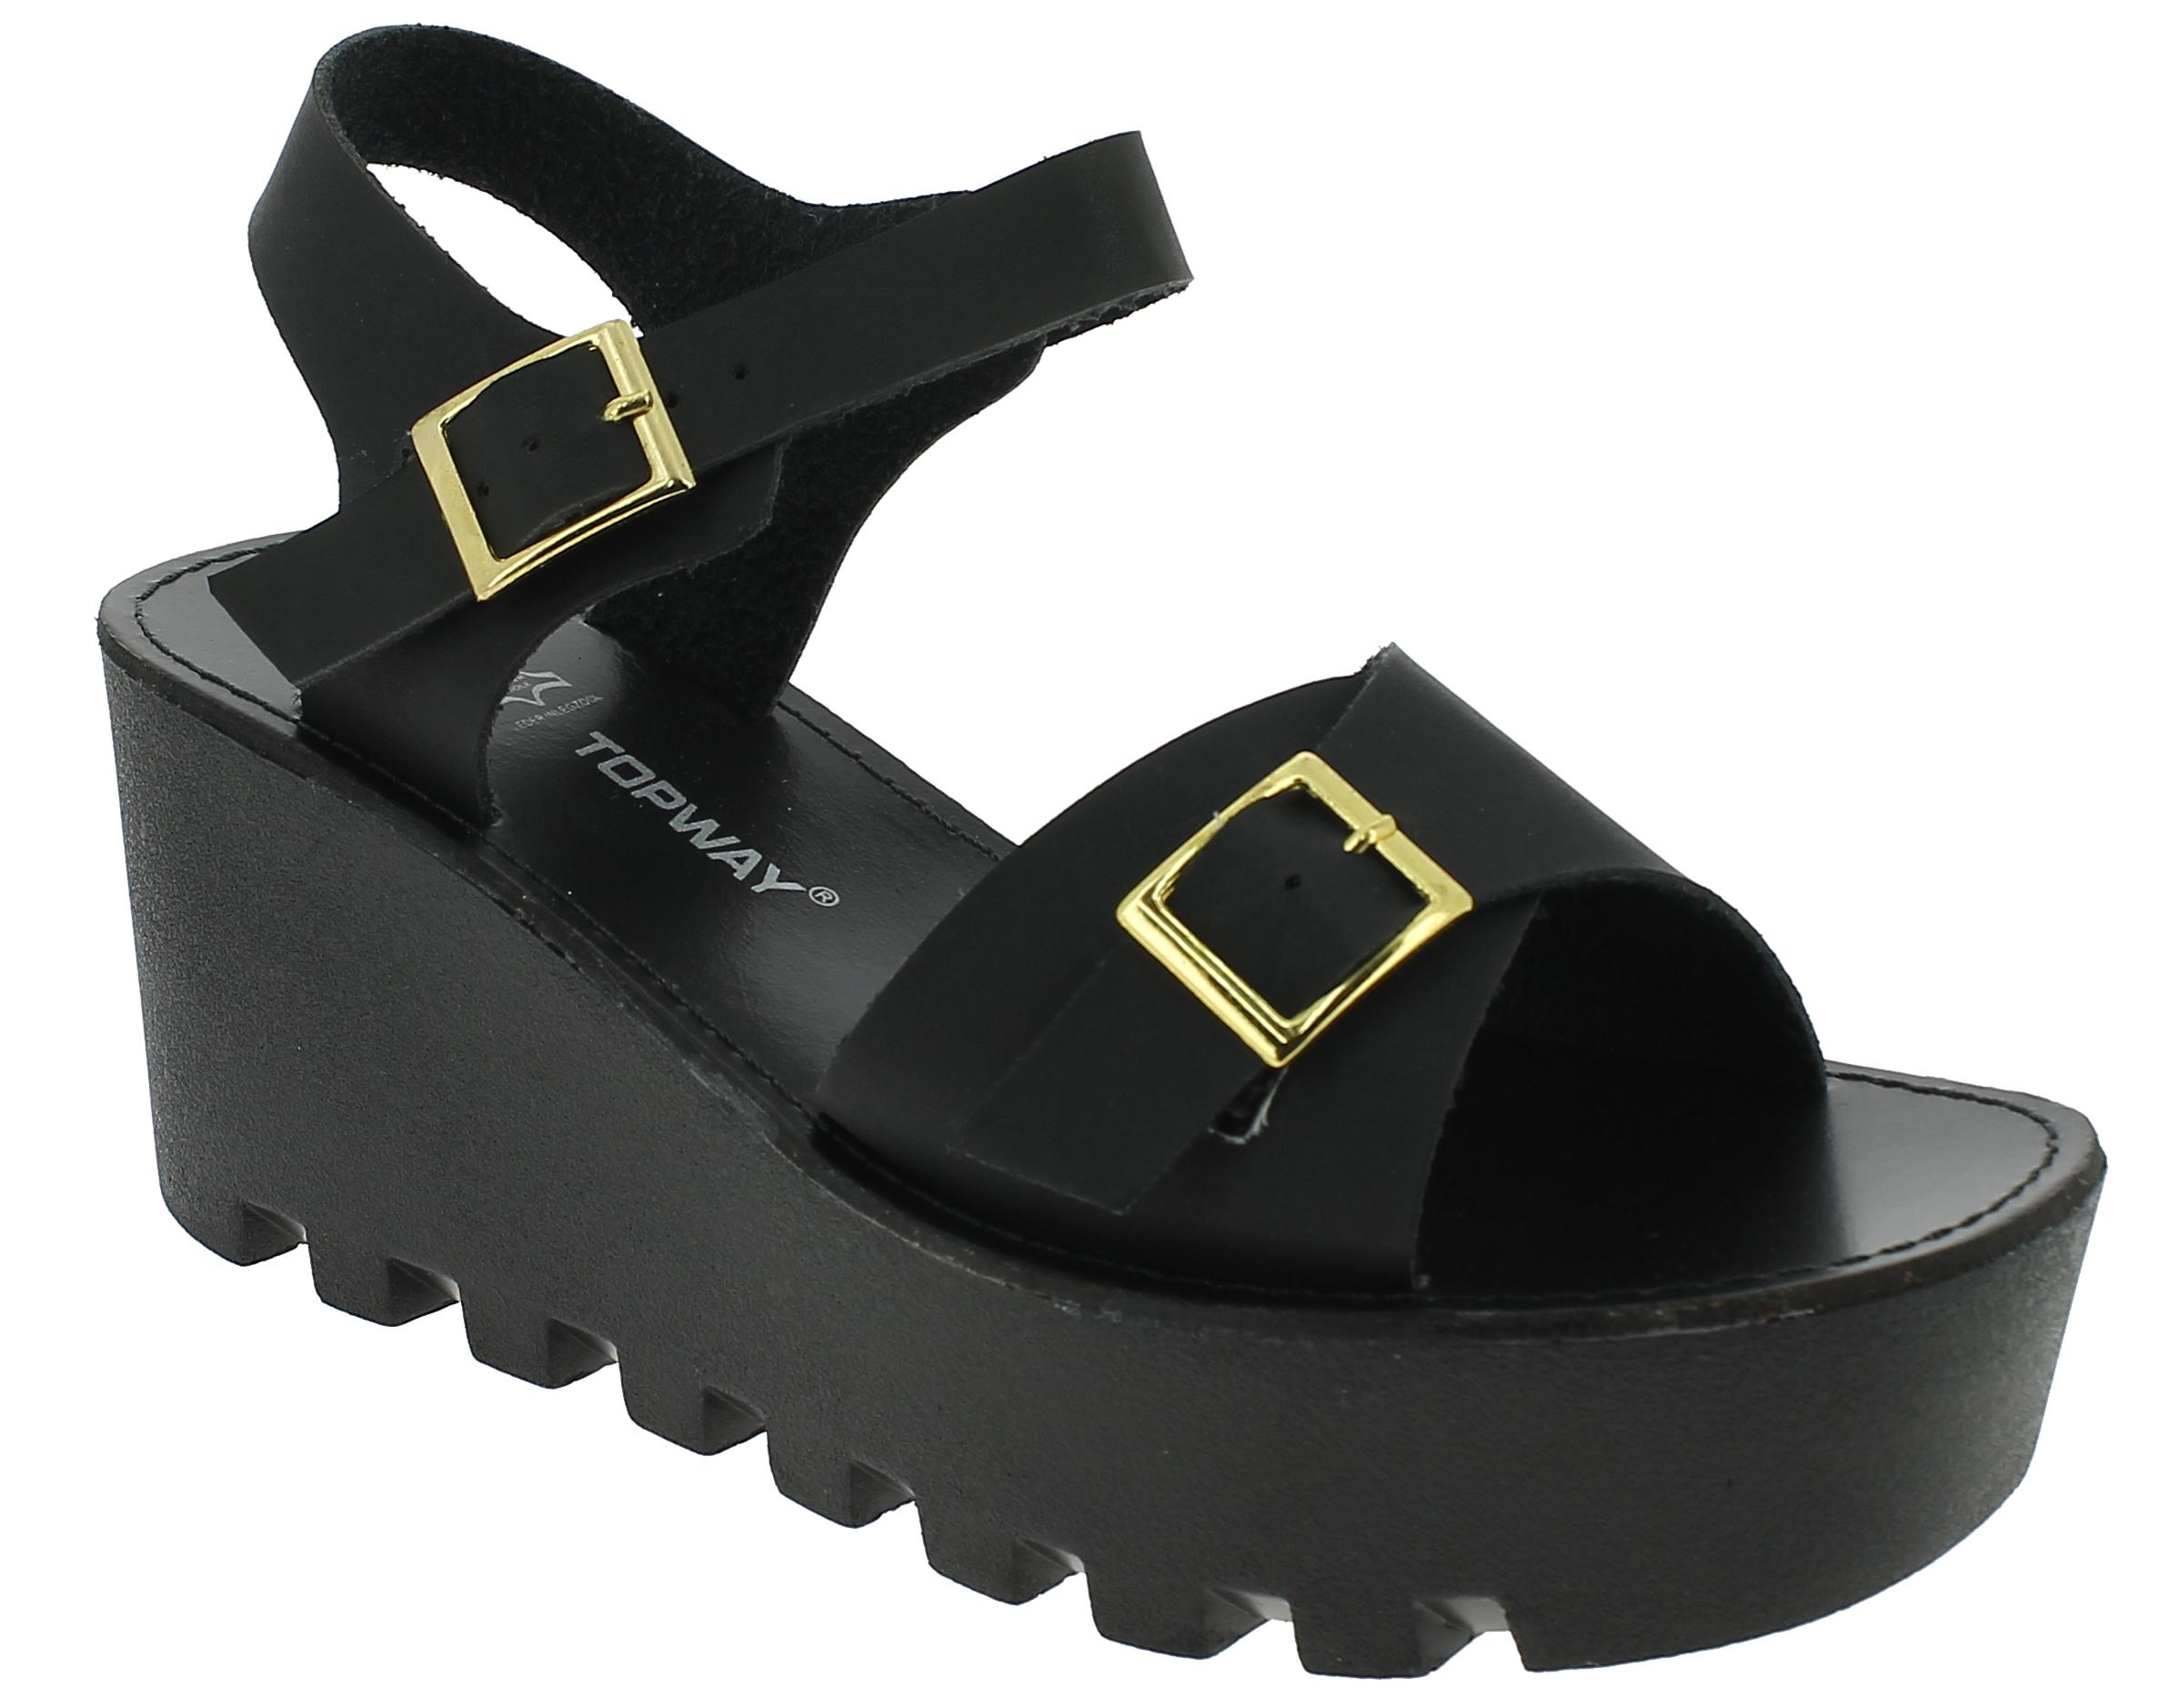 Γυναικεία Πλατφόρμα B716230 Μαύρο - IqShoes - B716230 black 37/1/15/27 παπούτσια  γυναικείες πλατφόρμες